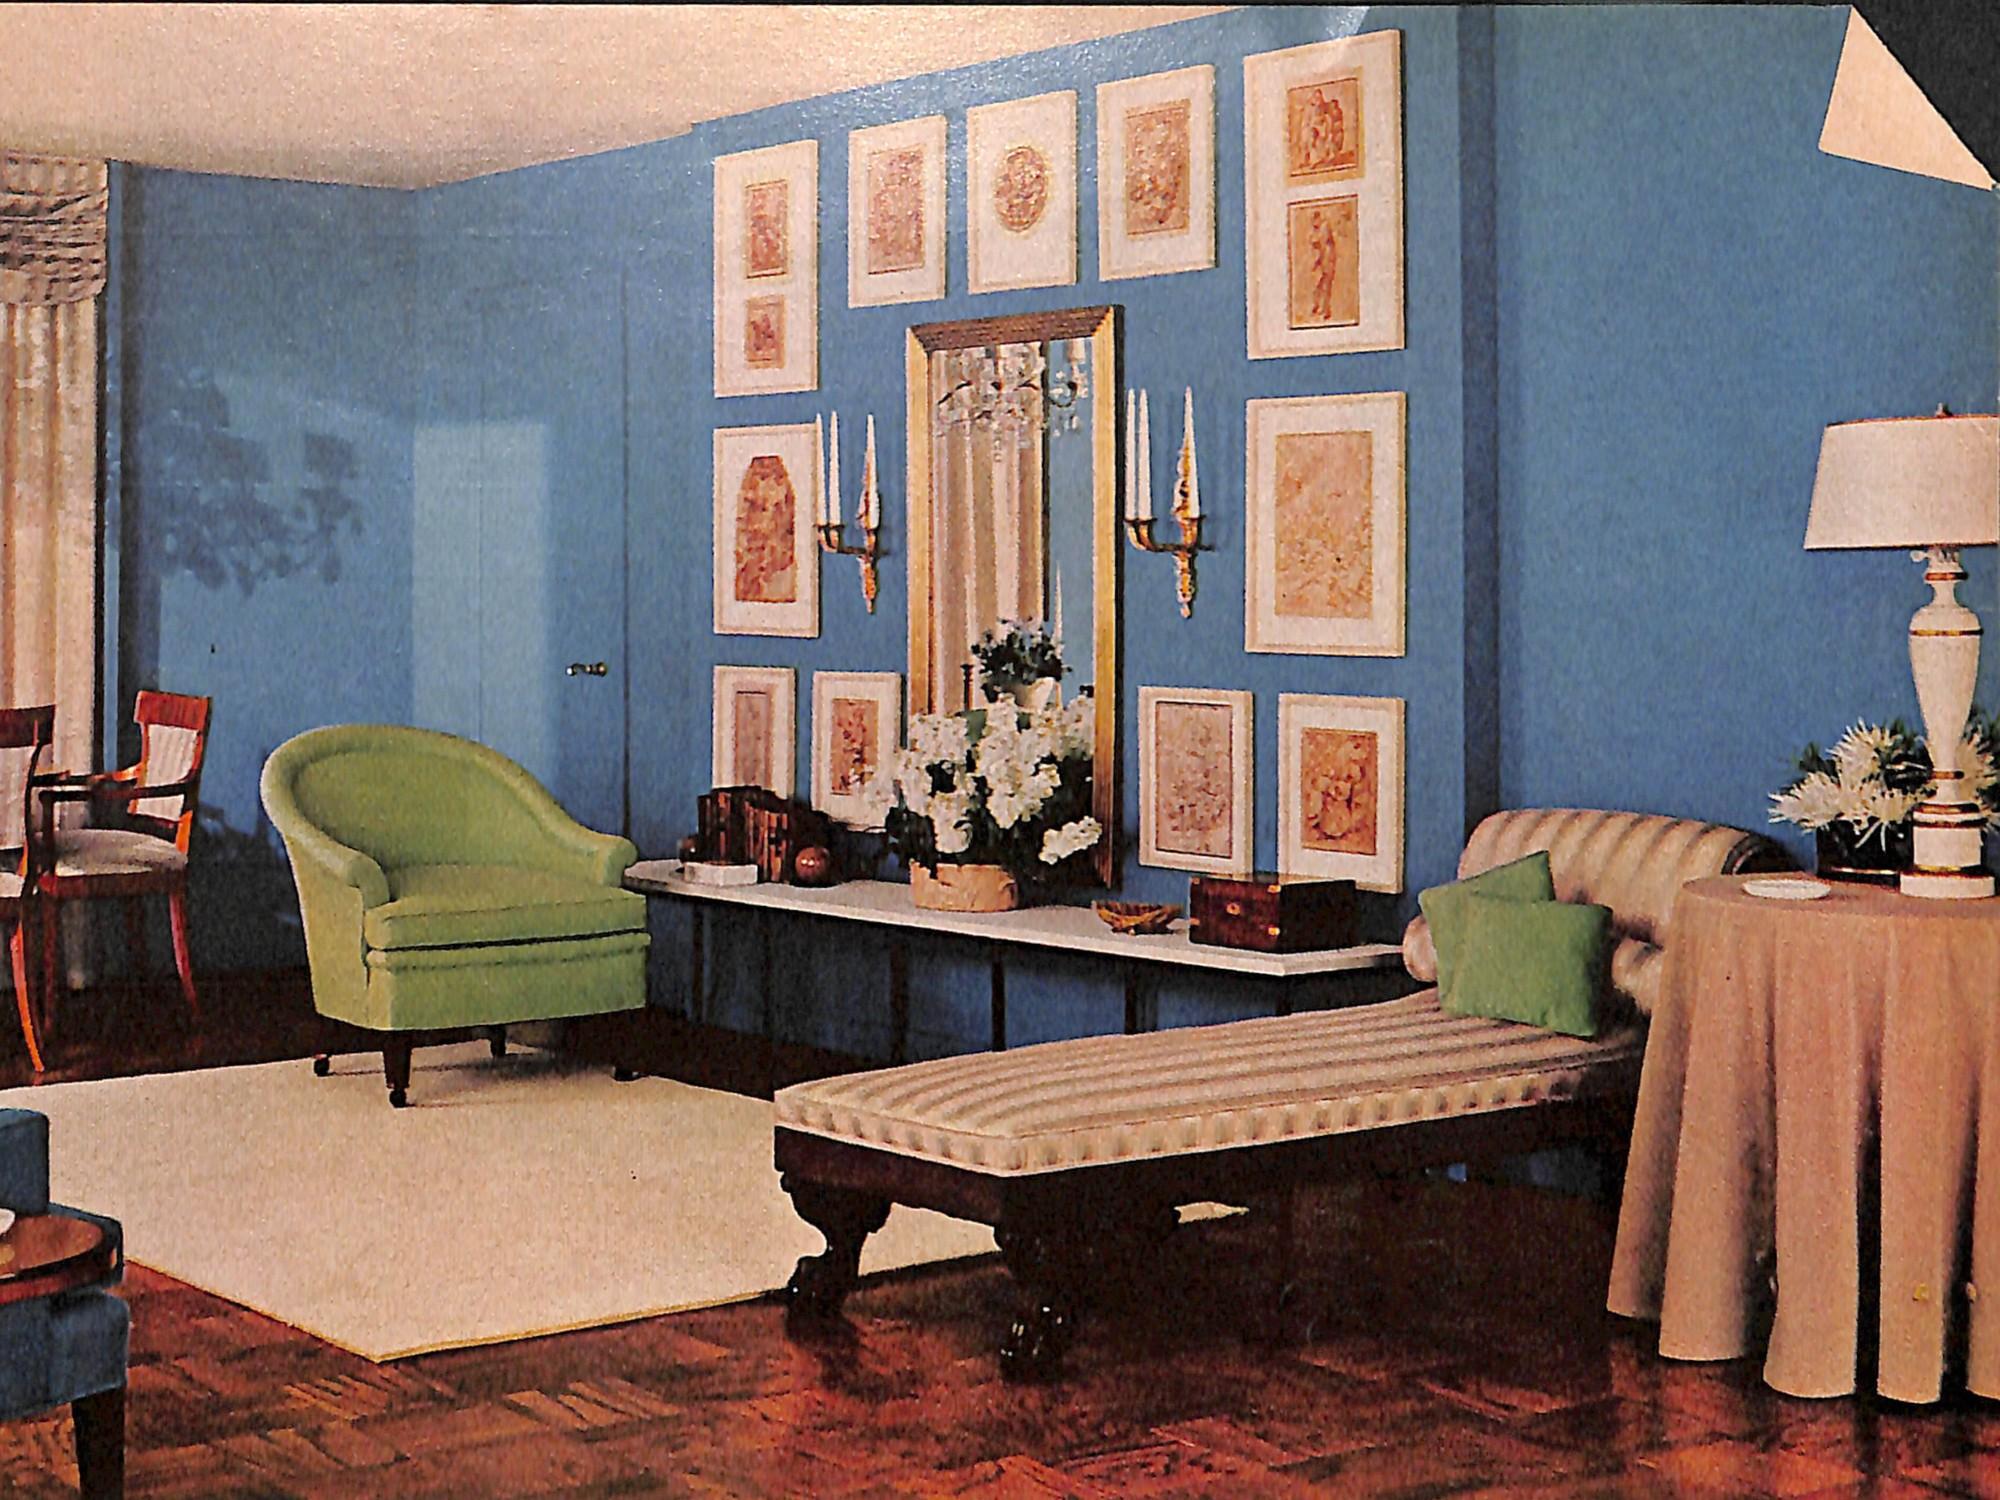 1962 Home Decor Ad